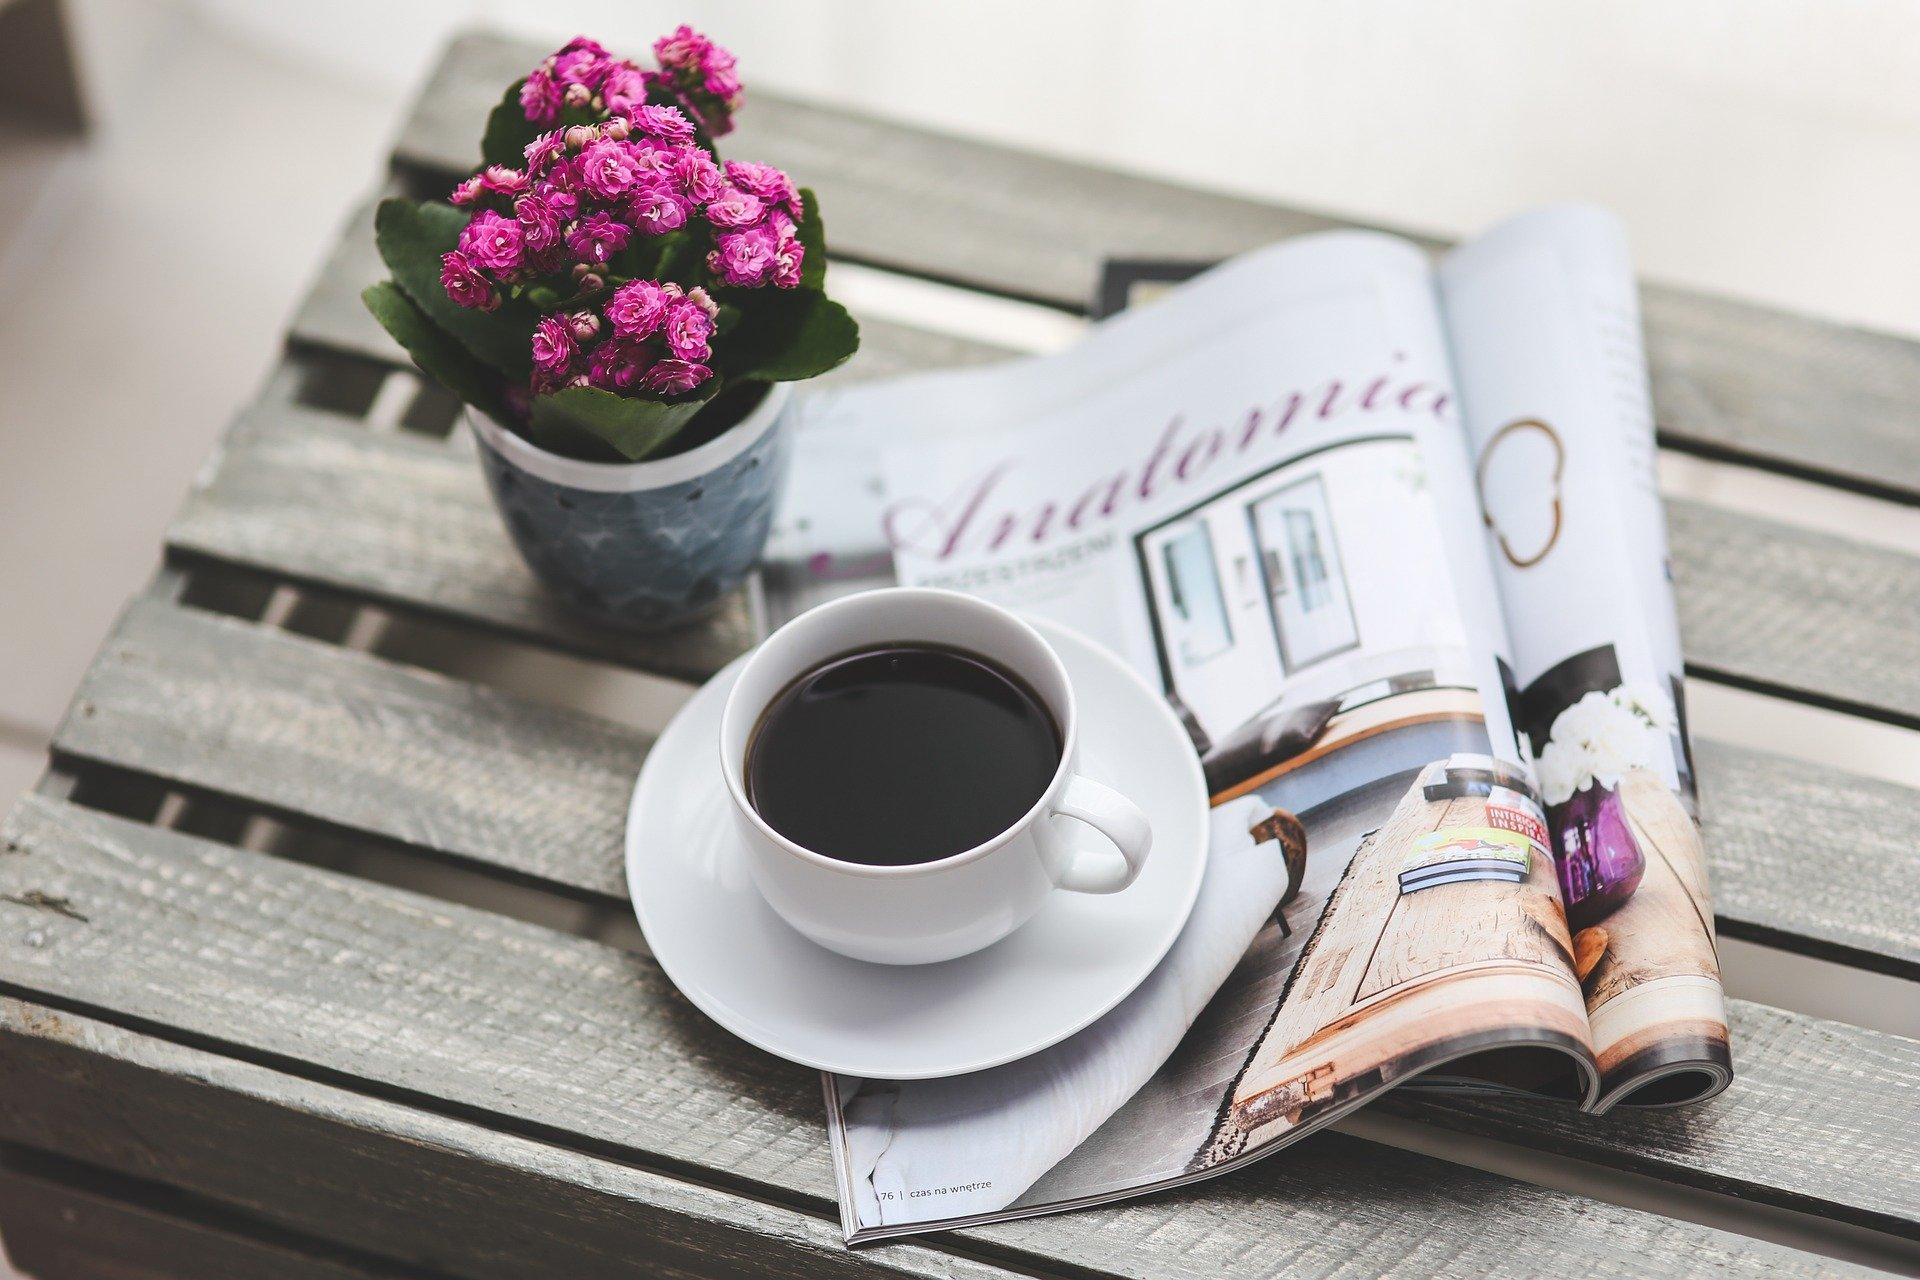 coffee katalog digital publishing